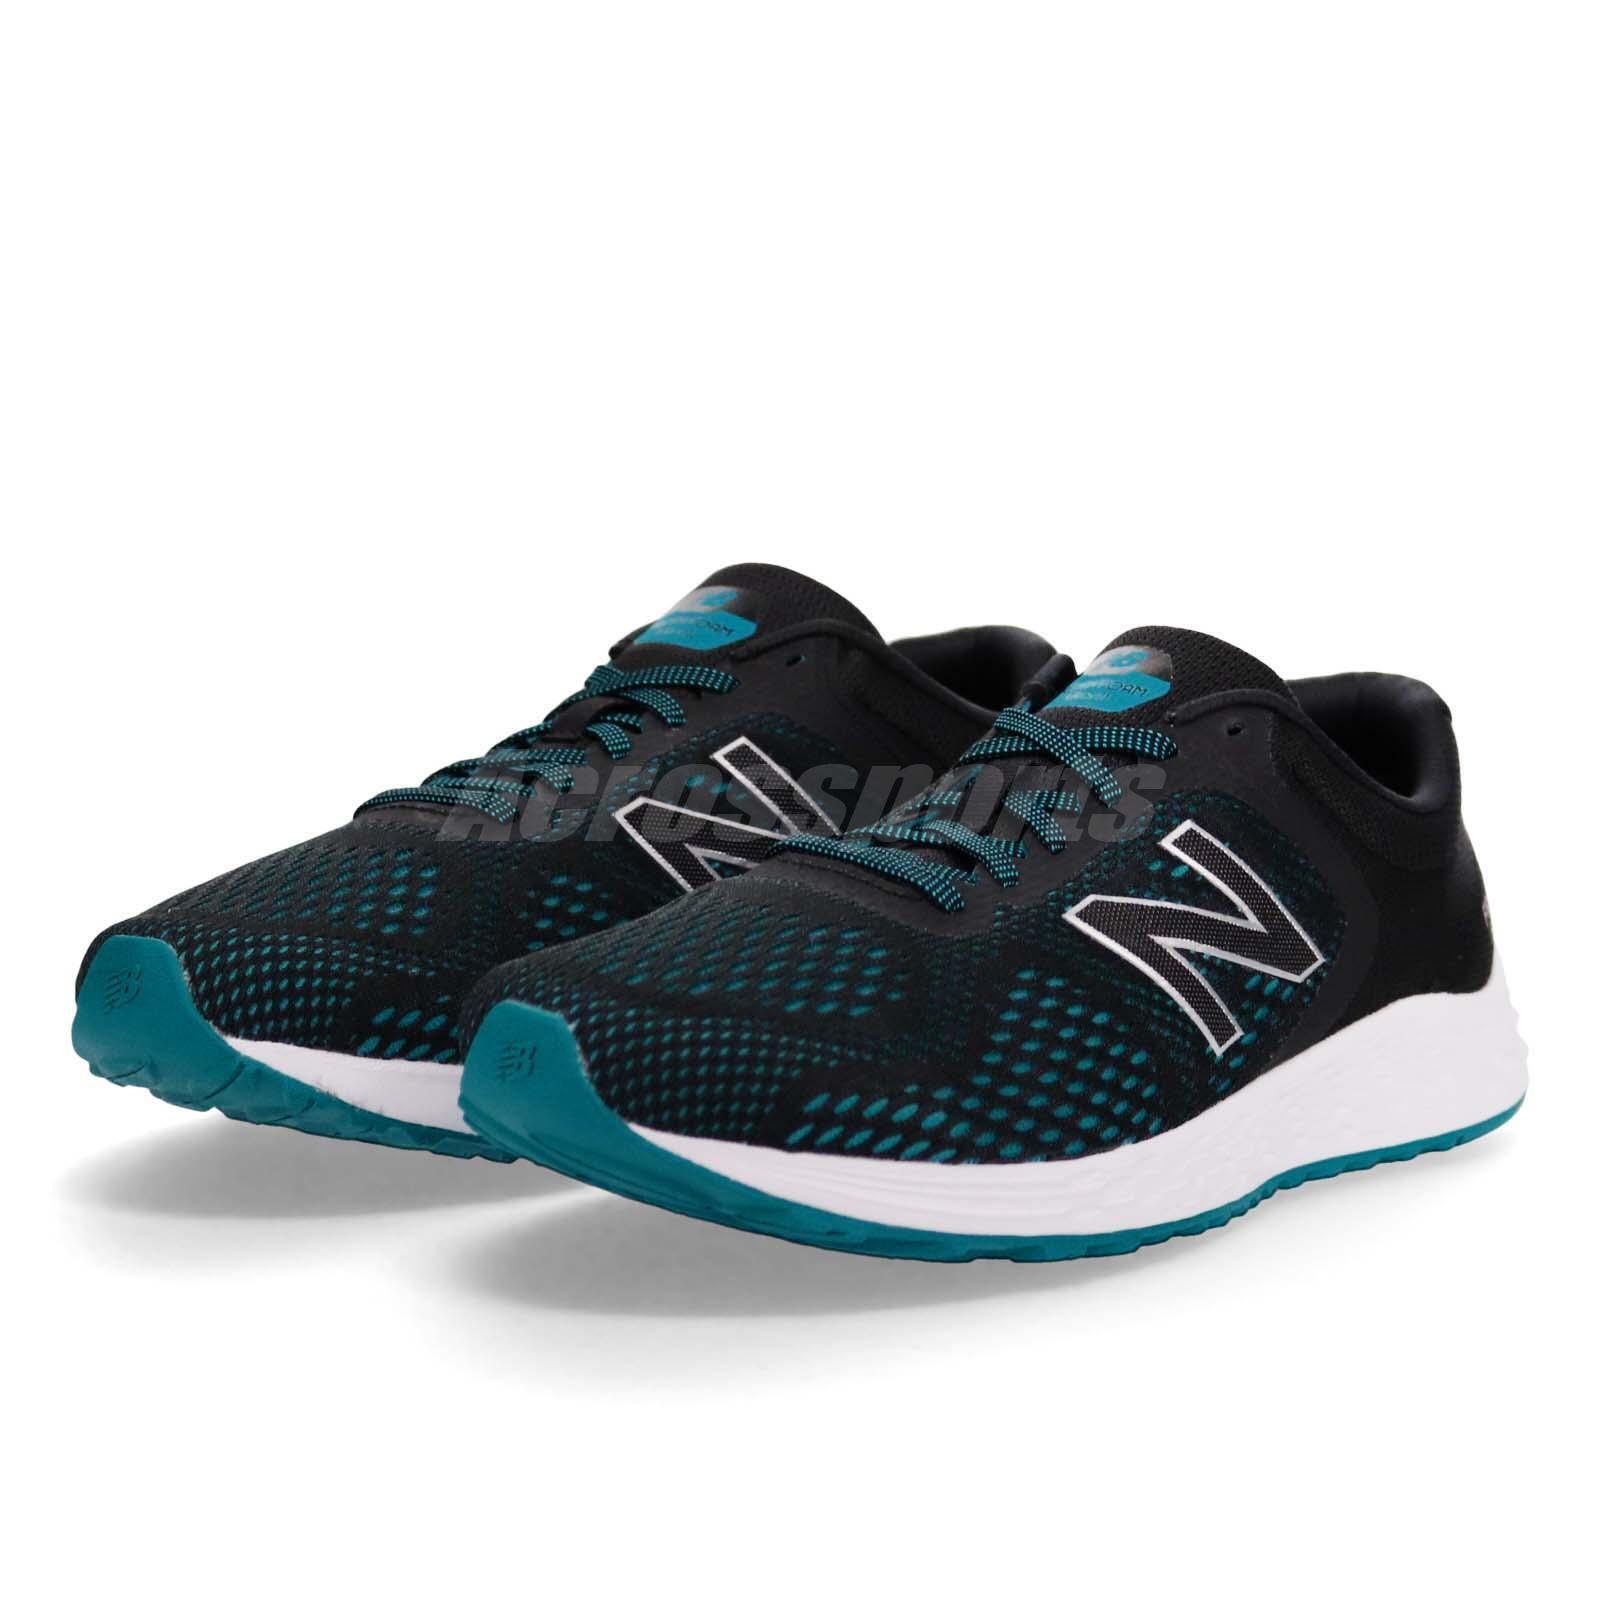 New MARISCT 2 4E Extra Ancho  Equilibrar Negro blancoo Zapatos deportivos para hombre marisct 24E  mejor calidad